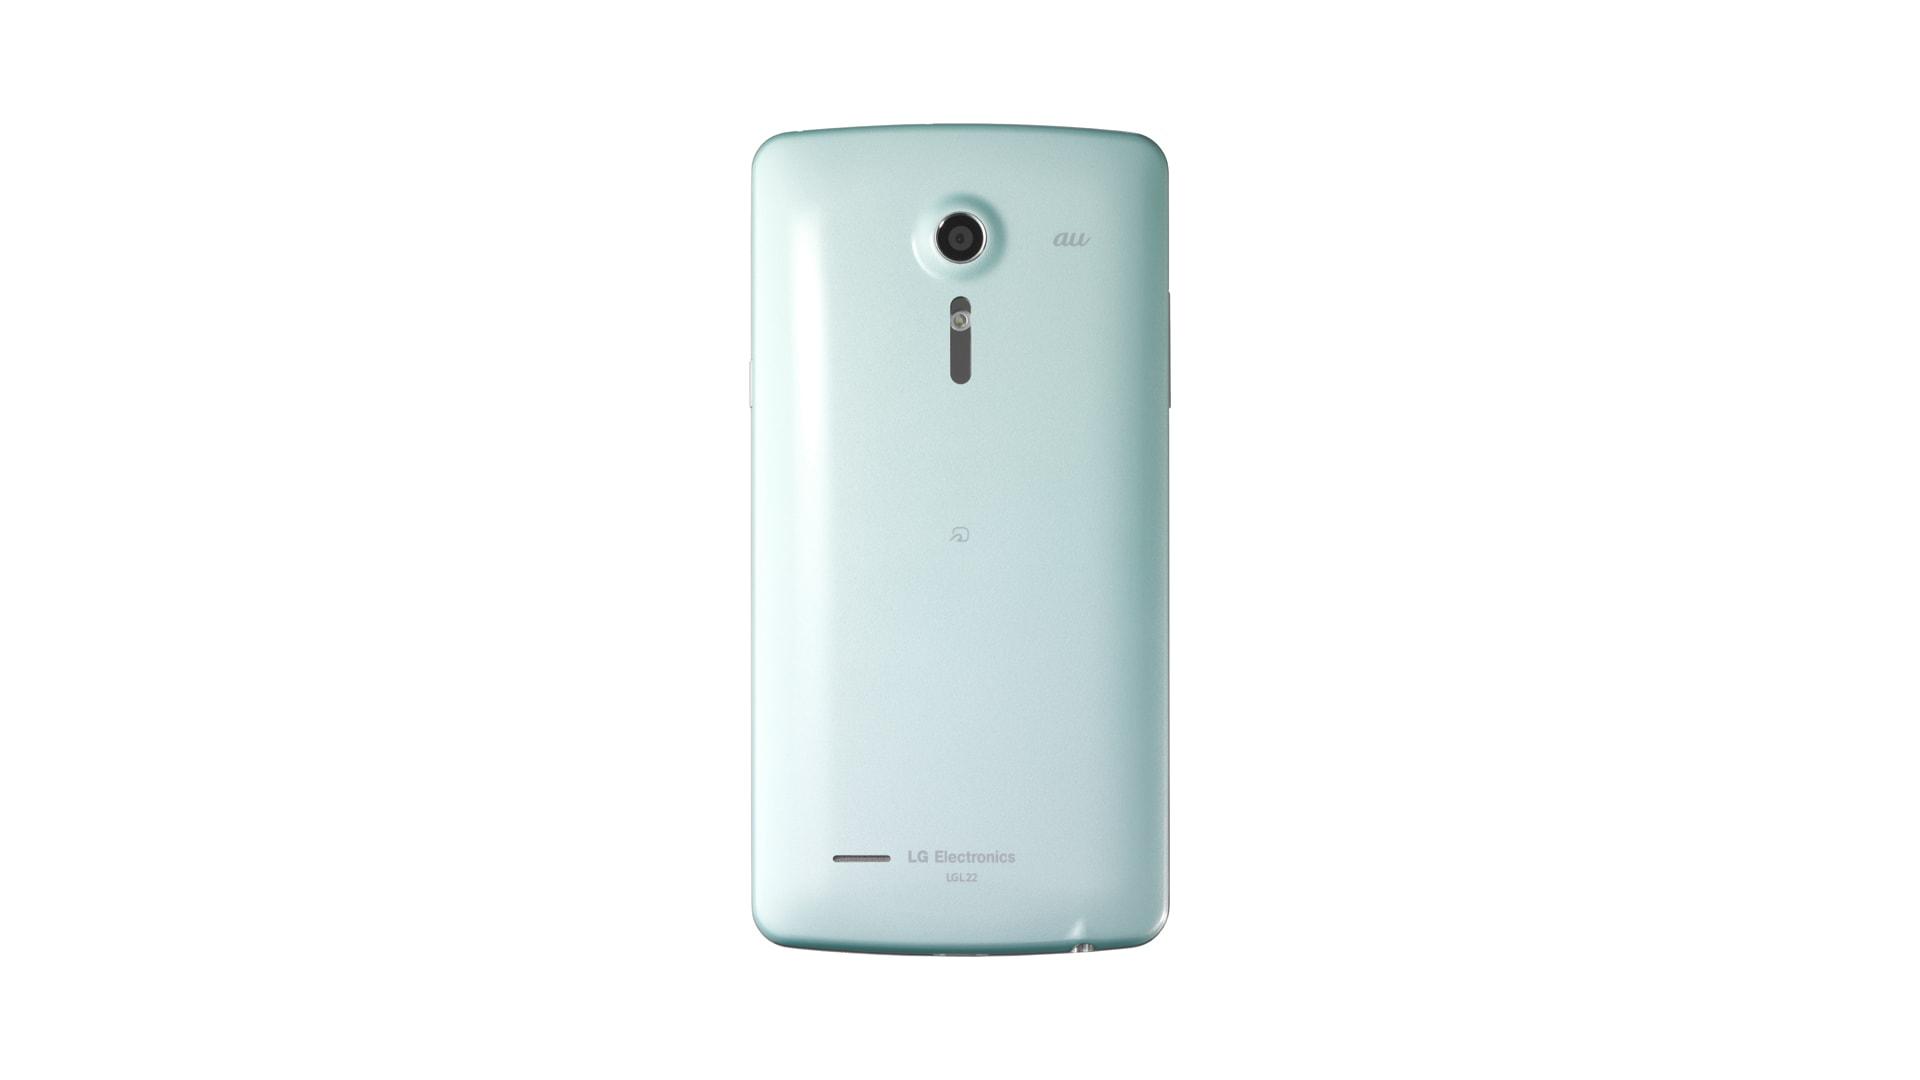 1専用AC(別売)時間。連続通話時間連続待受時間、au携帯電話電波安定状態十分受場合平均的利用時間。実際利用地域使用状況、短。、通話待受組合、利用時間短。連続通話時間連続待受時間、本作成時、KDDI各社仕様変更等、予告変更場合。記載数値、LG Electronics Japan株式会社数値。